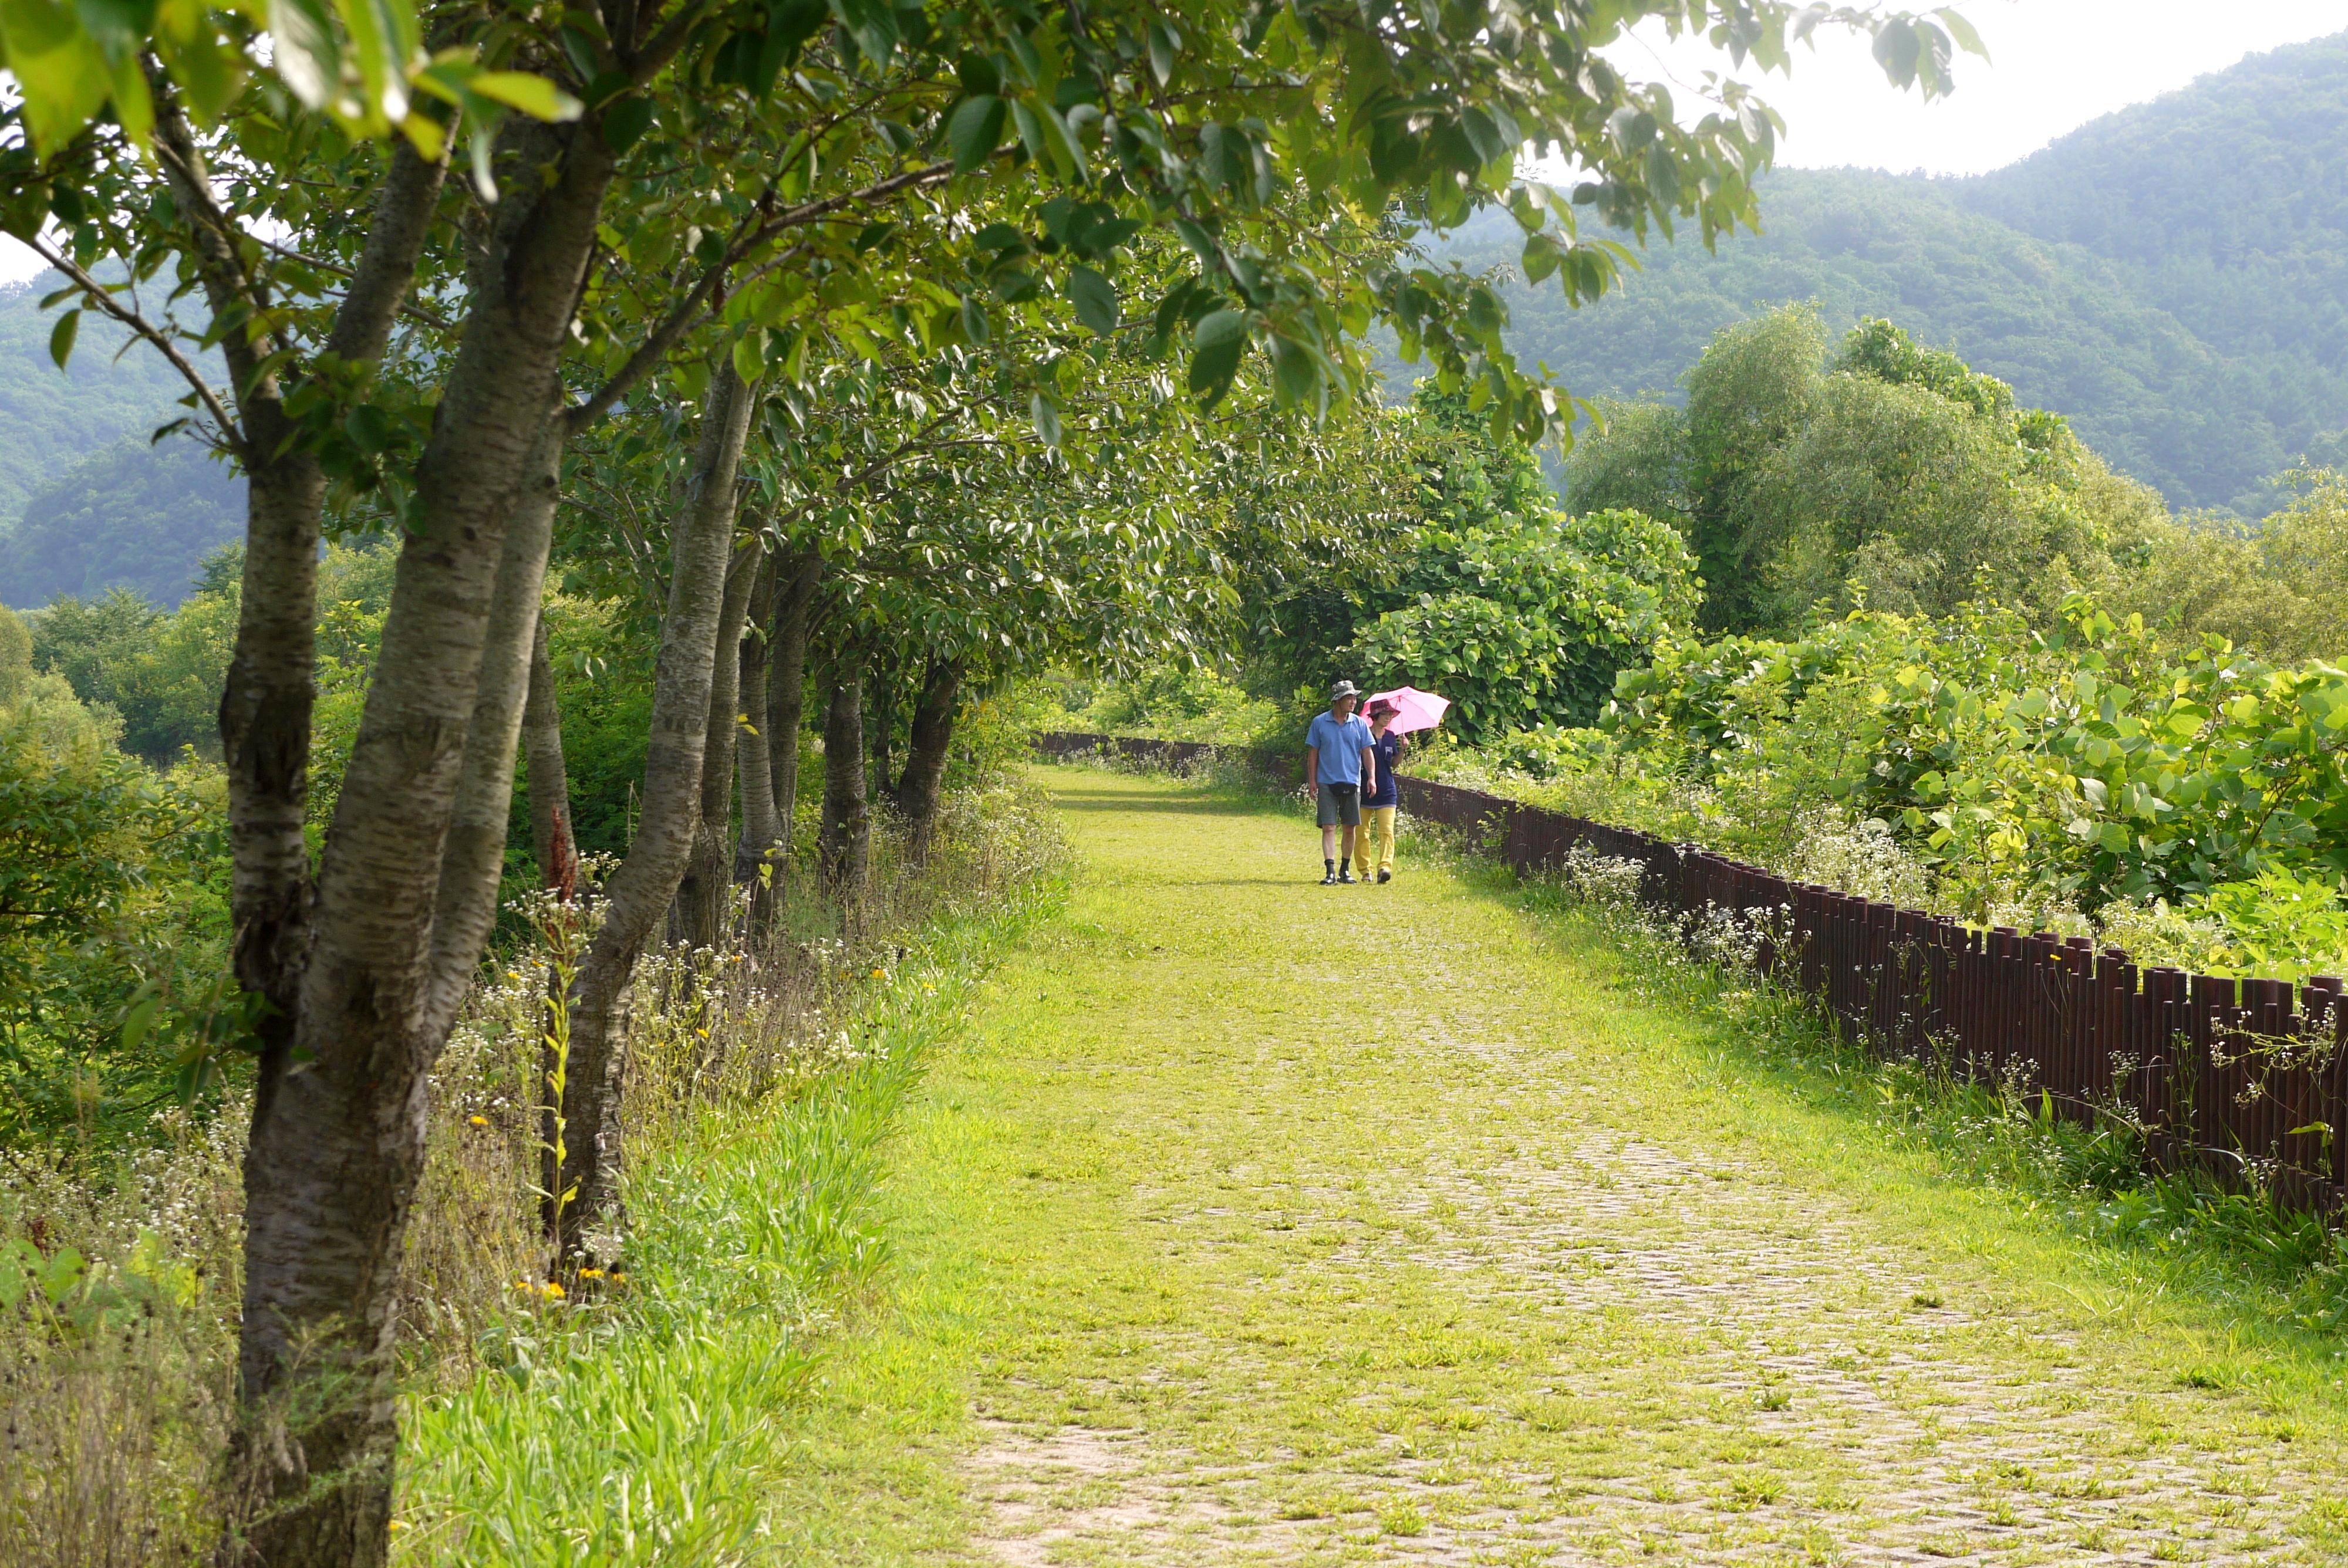 생태공원 산책로를 걷는 사람들